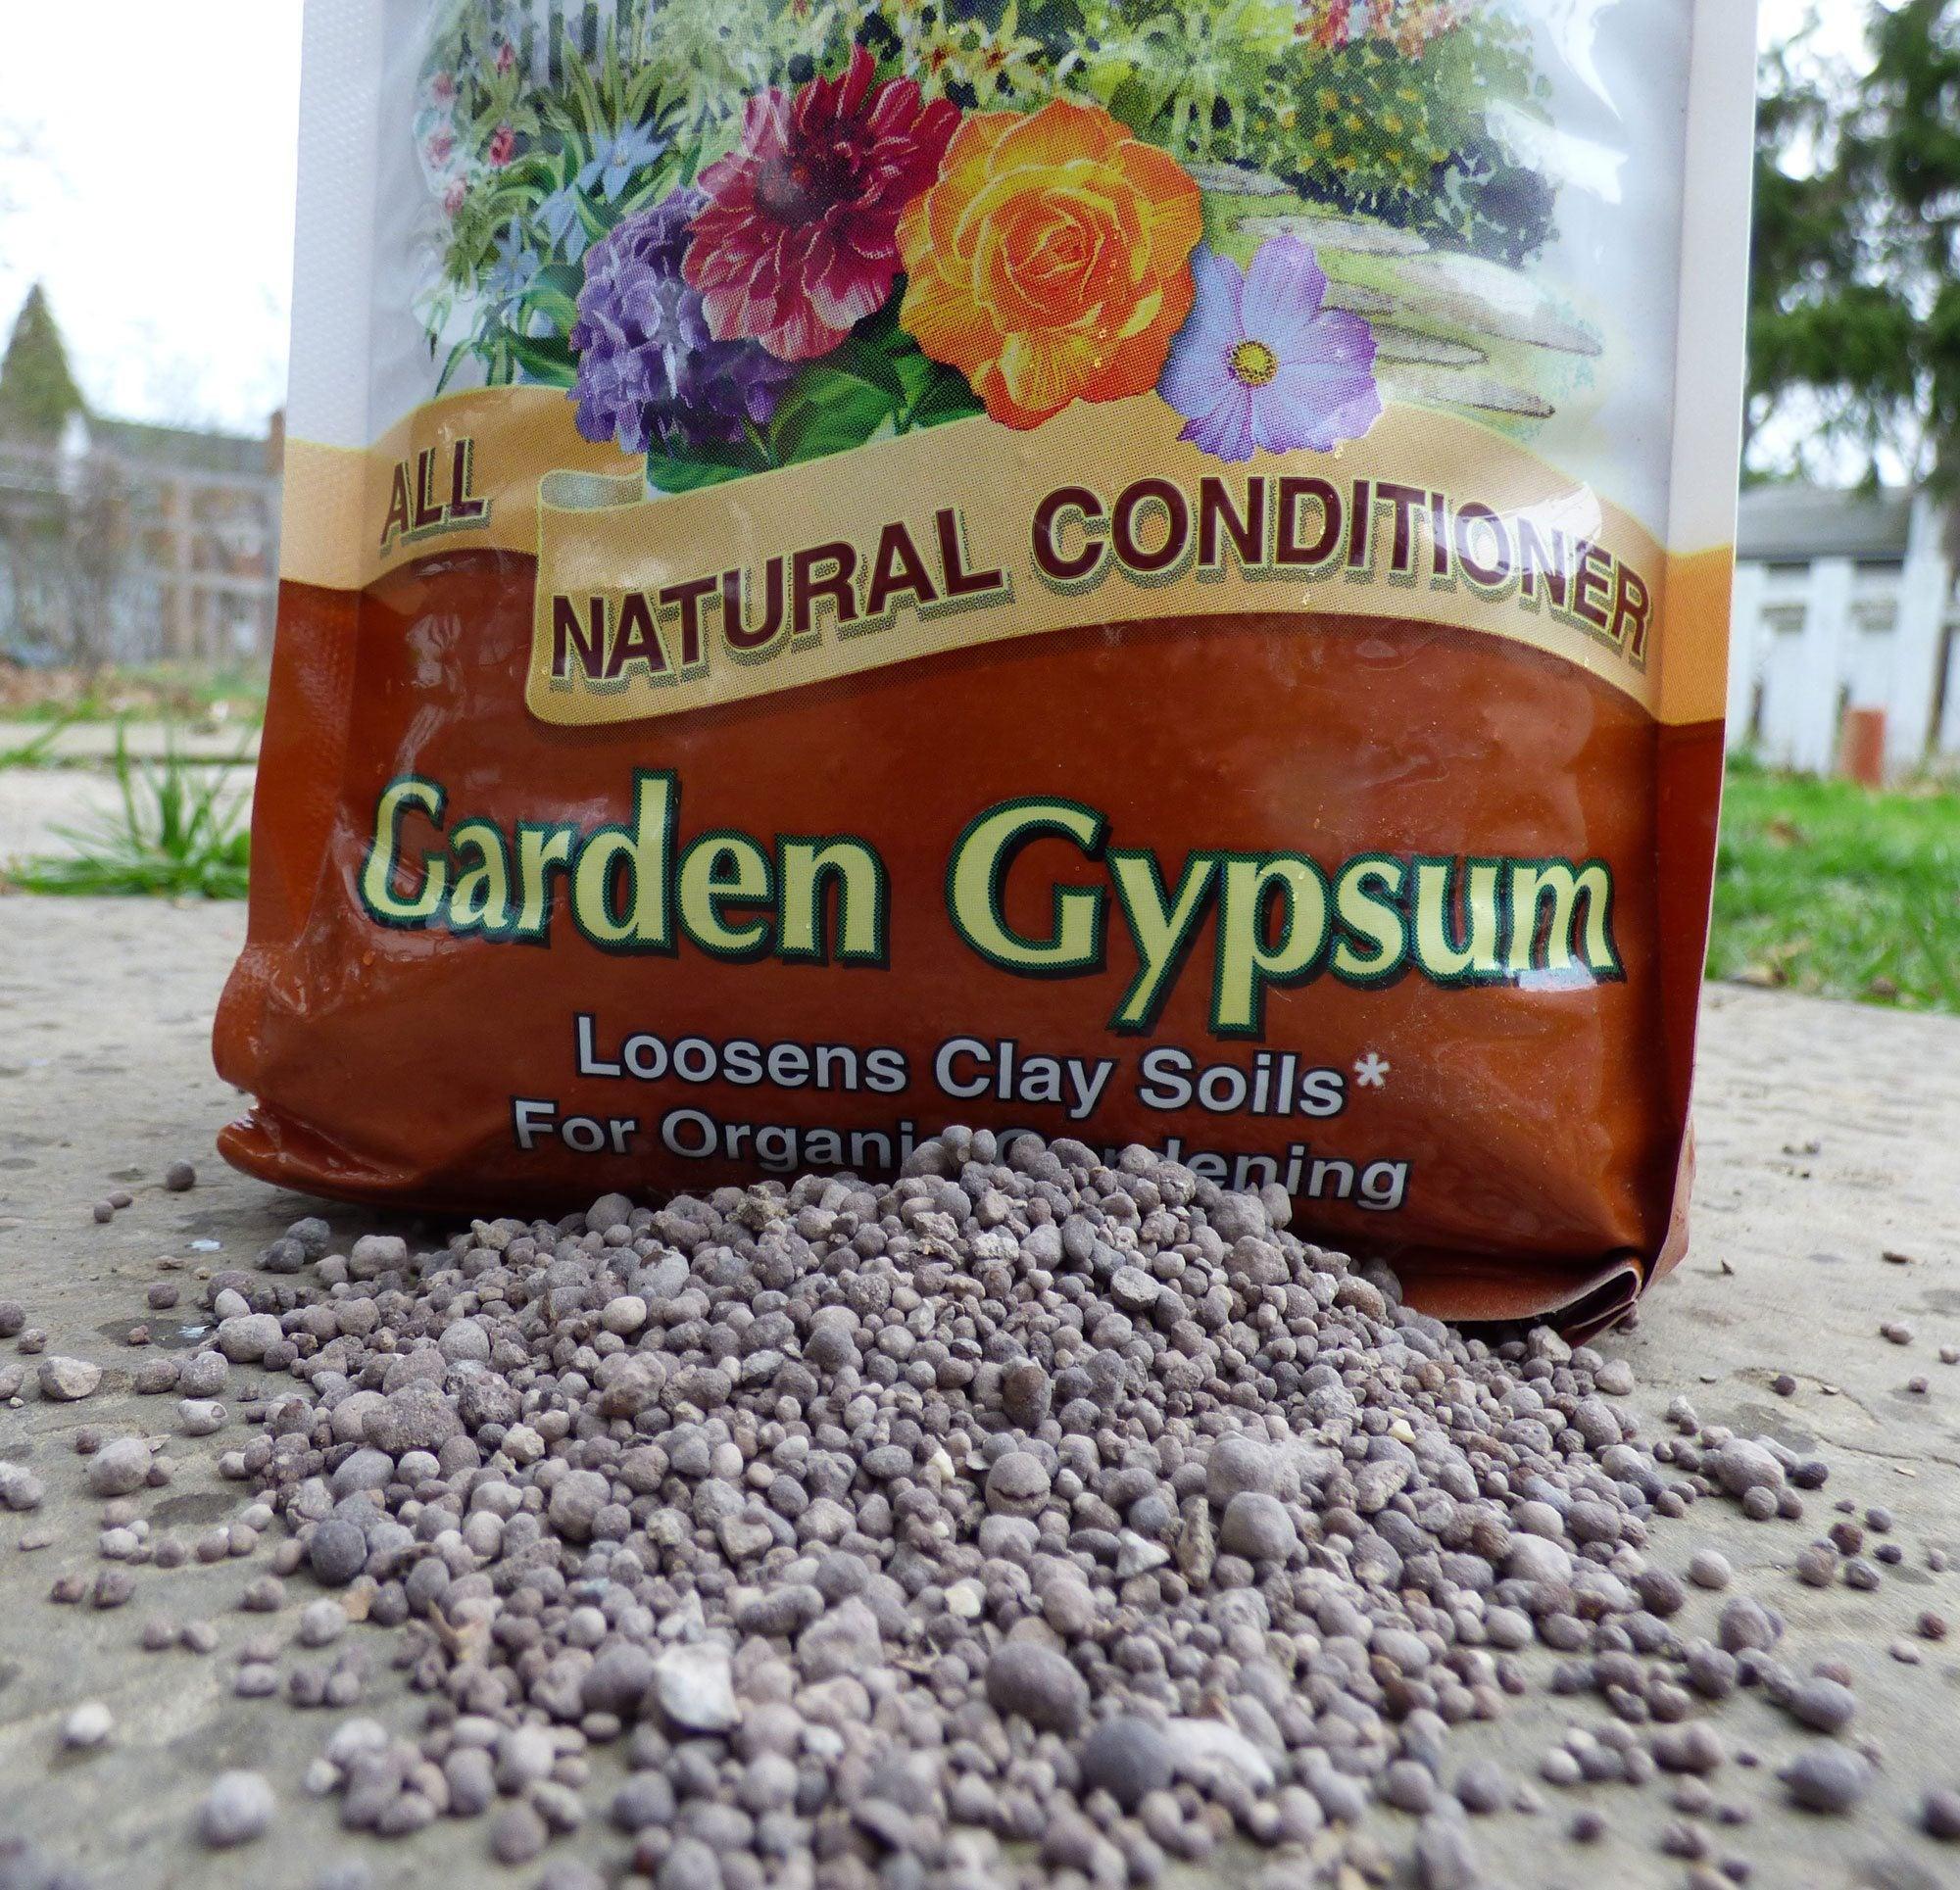 Garden Gypsum Information - Is Gypsum Good For The Soil